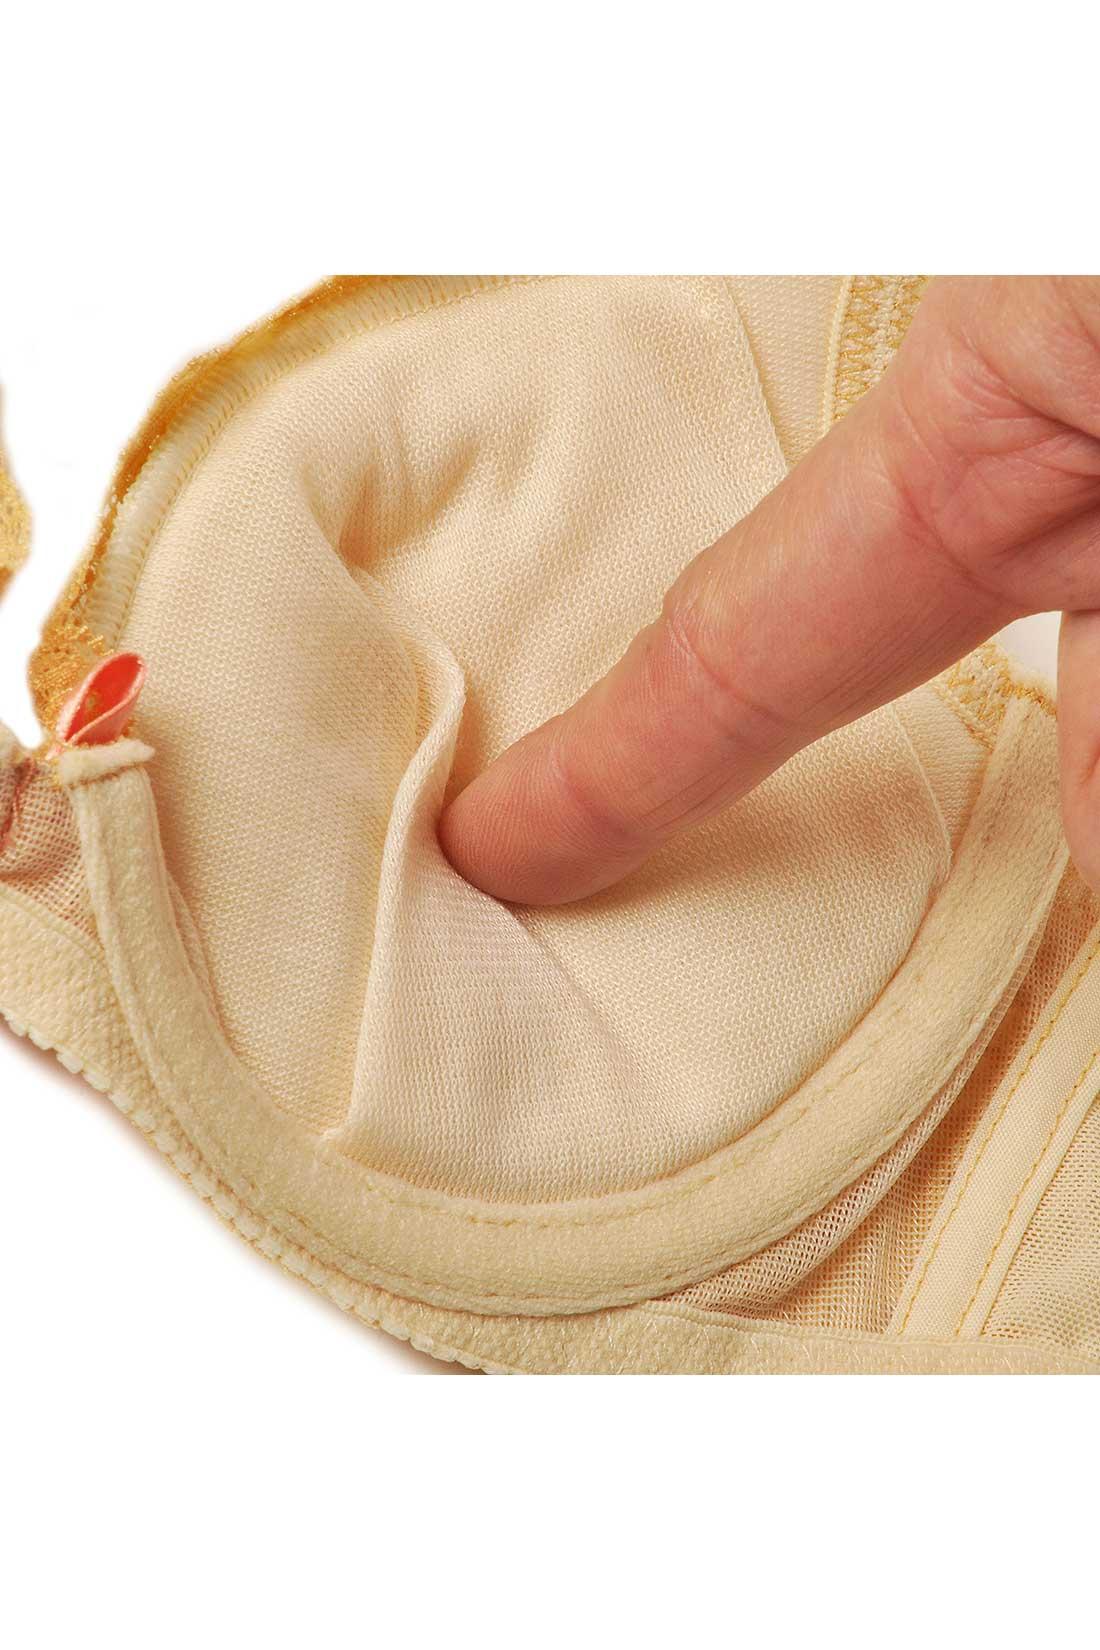 しっかり厚みのある、ふわふわパッドをカップ全体に内蔵。カップが胸全体を包み込んでくれるので、パカパカせずに自然にボリュームアップ。